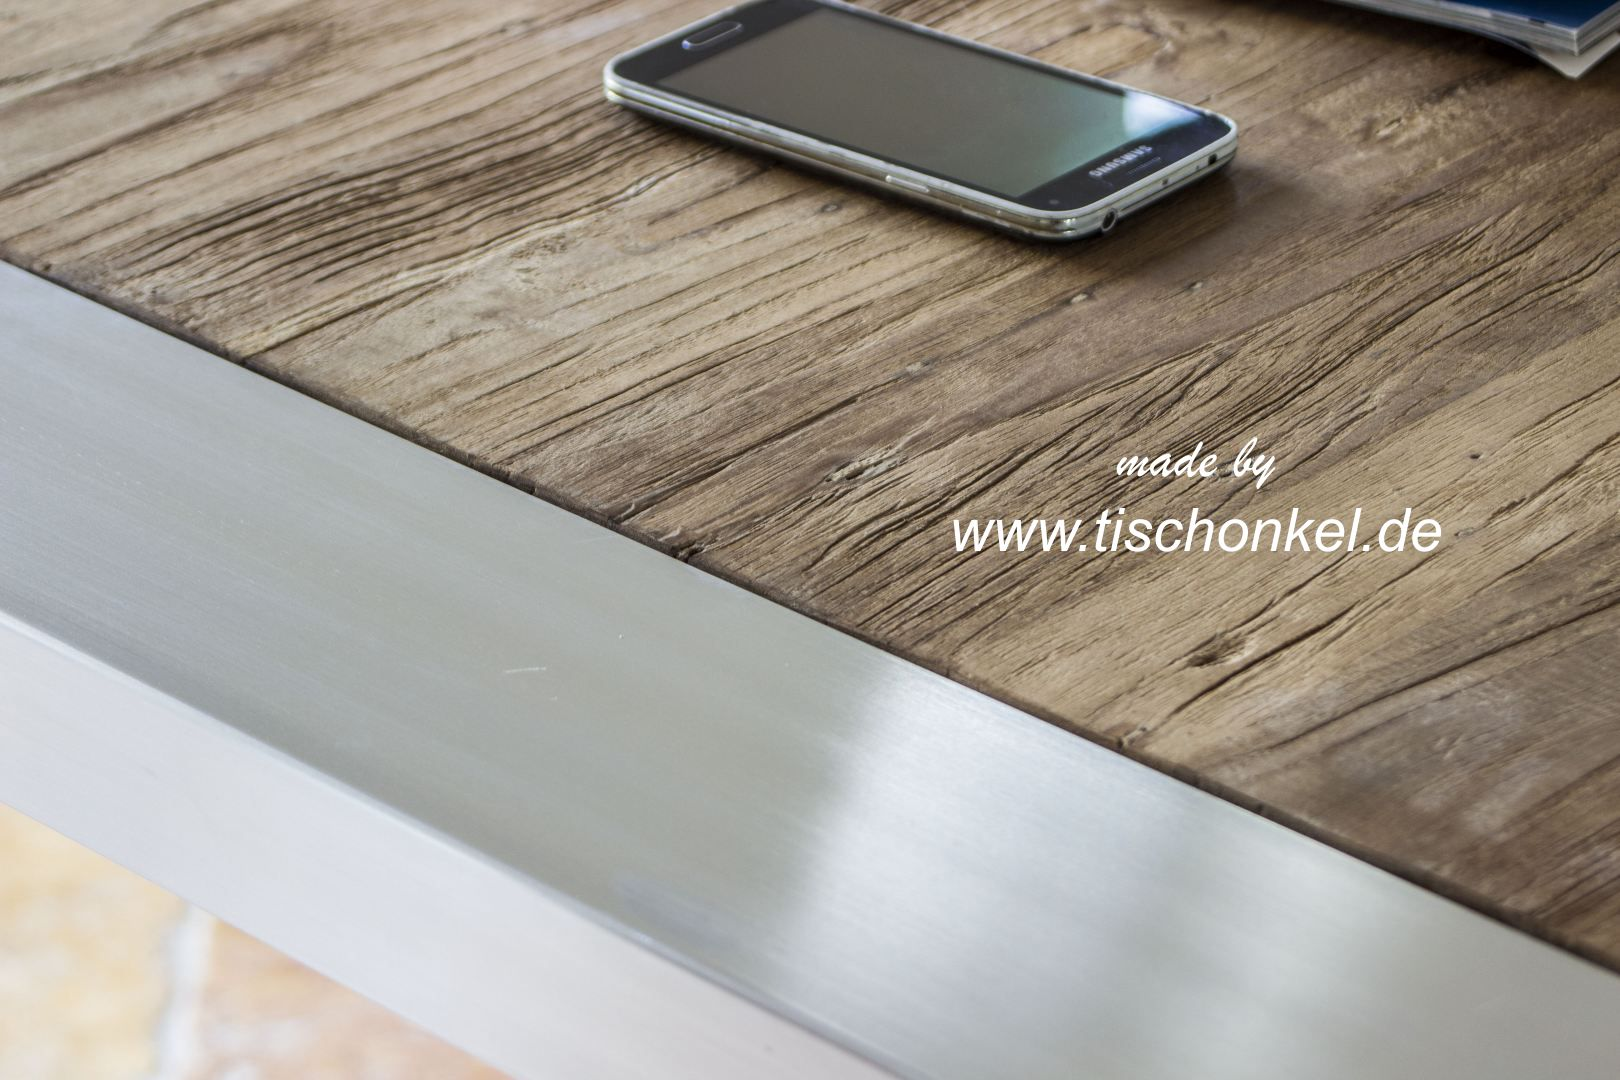 esstisch holz edelstahl finest esstisch aus recyceltem holz with esstisch holz edelstahl zebra. Black Bedroom Furniture Sets. Home Design Ideas